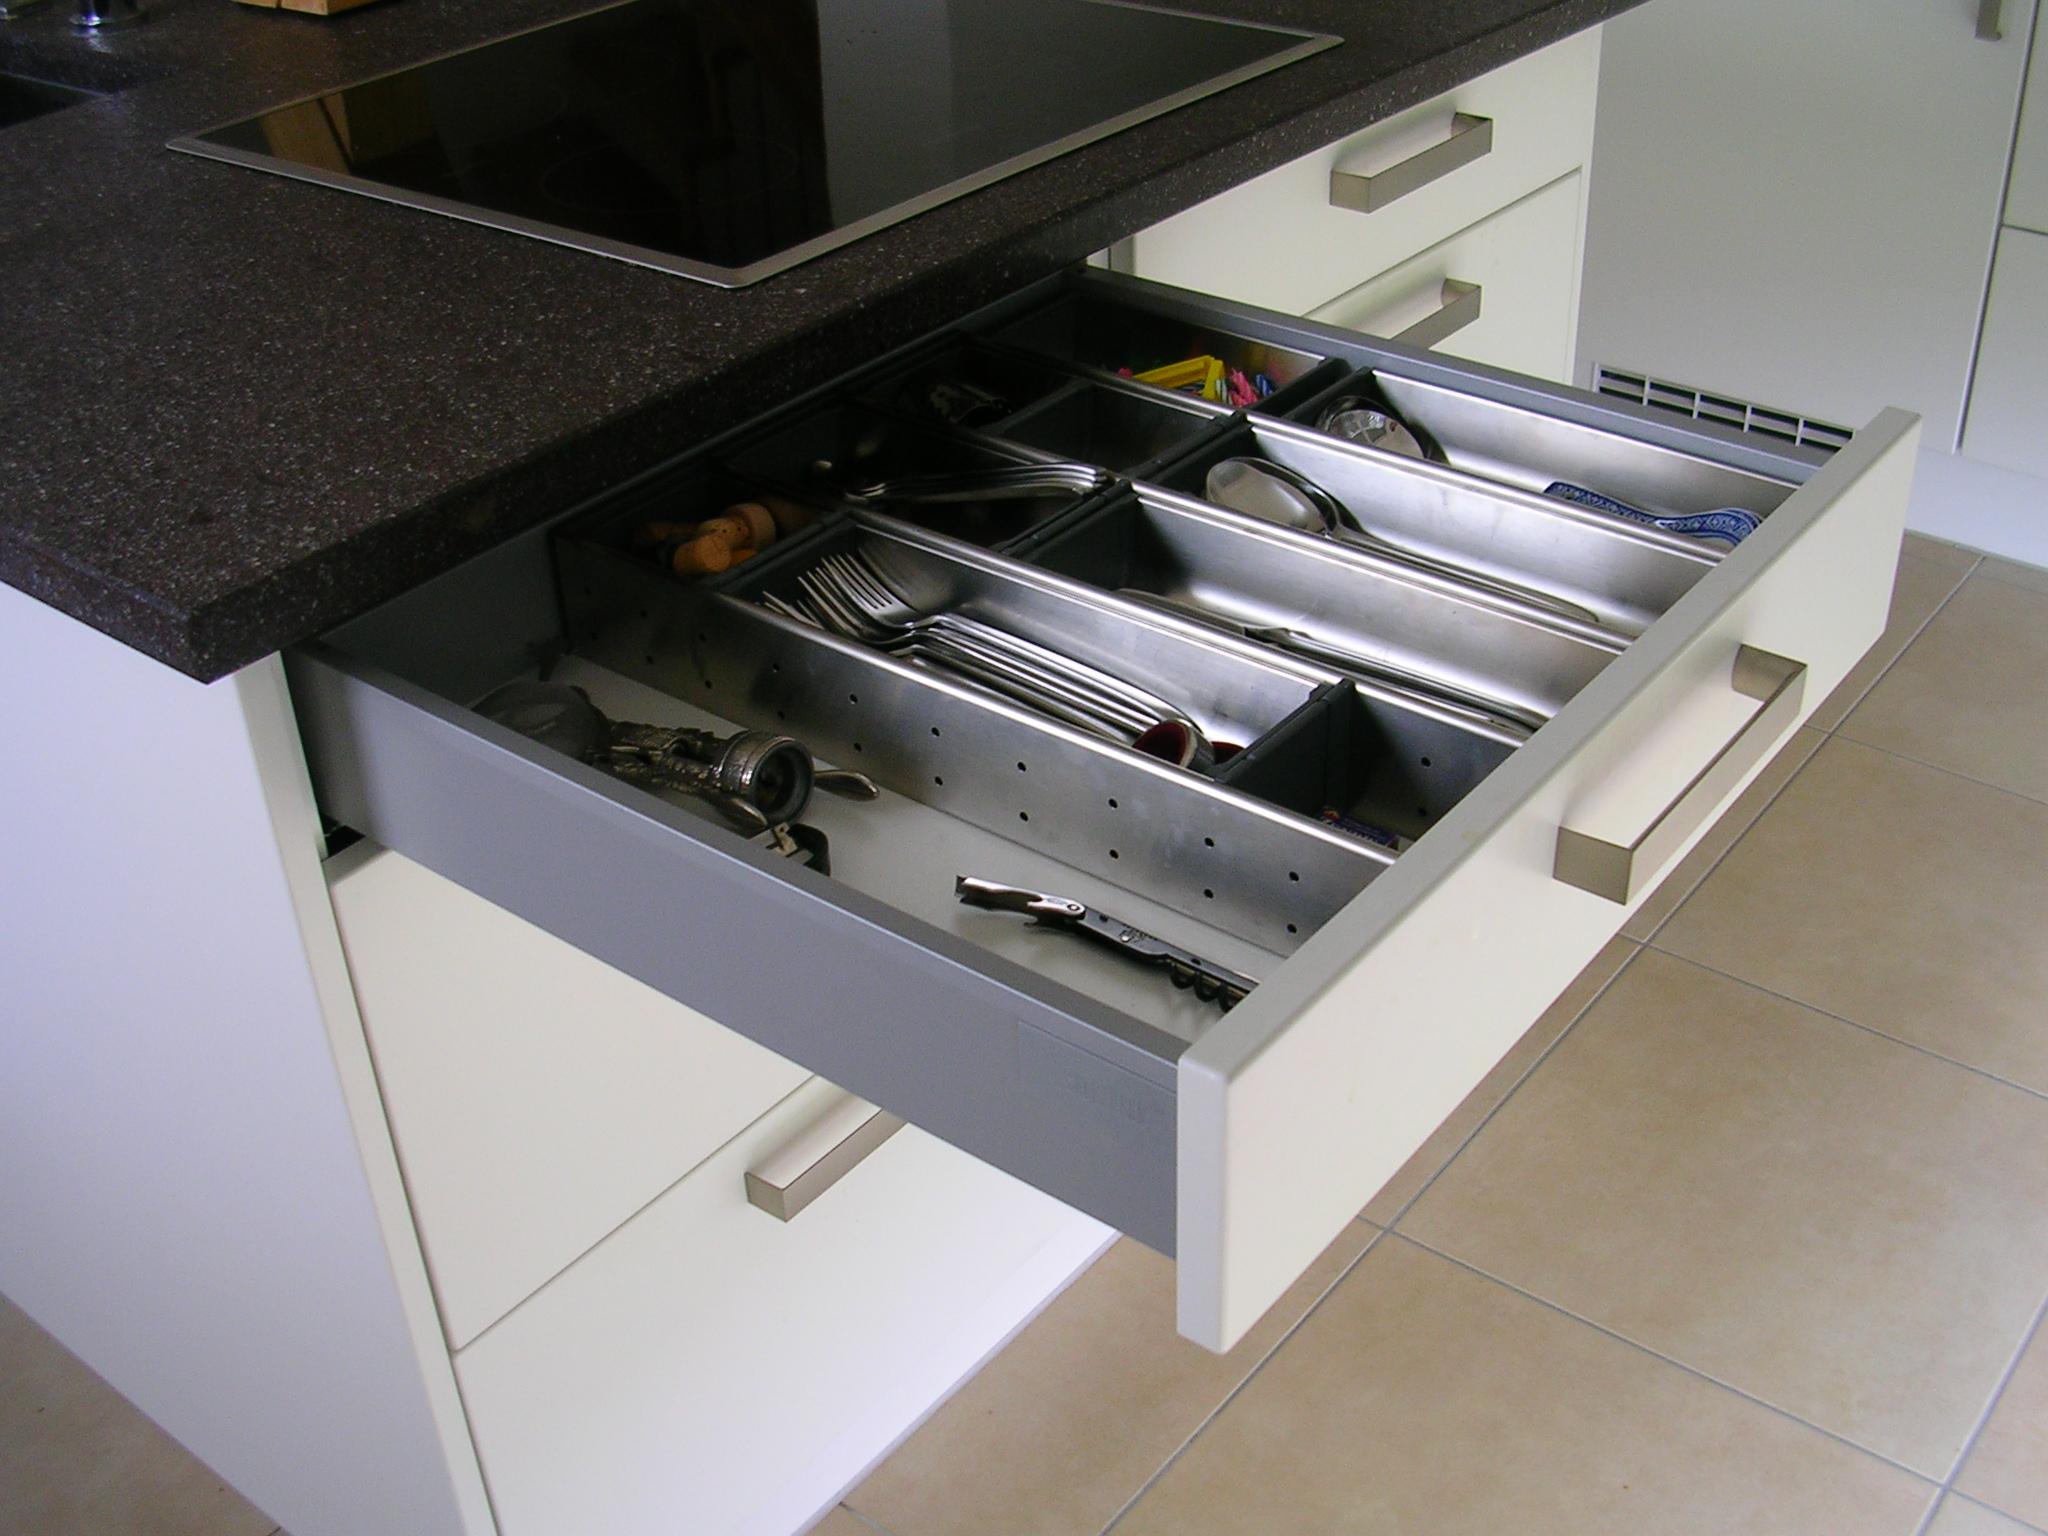 Niedlich Benutzerdefinierte Küchen Inc Bilder - Küchen Design Ideen ...